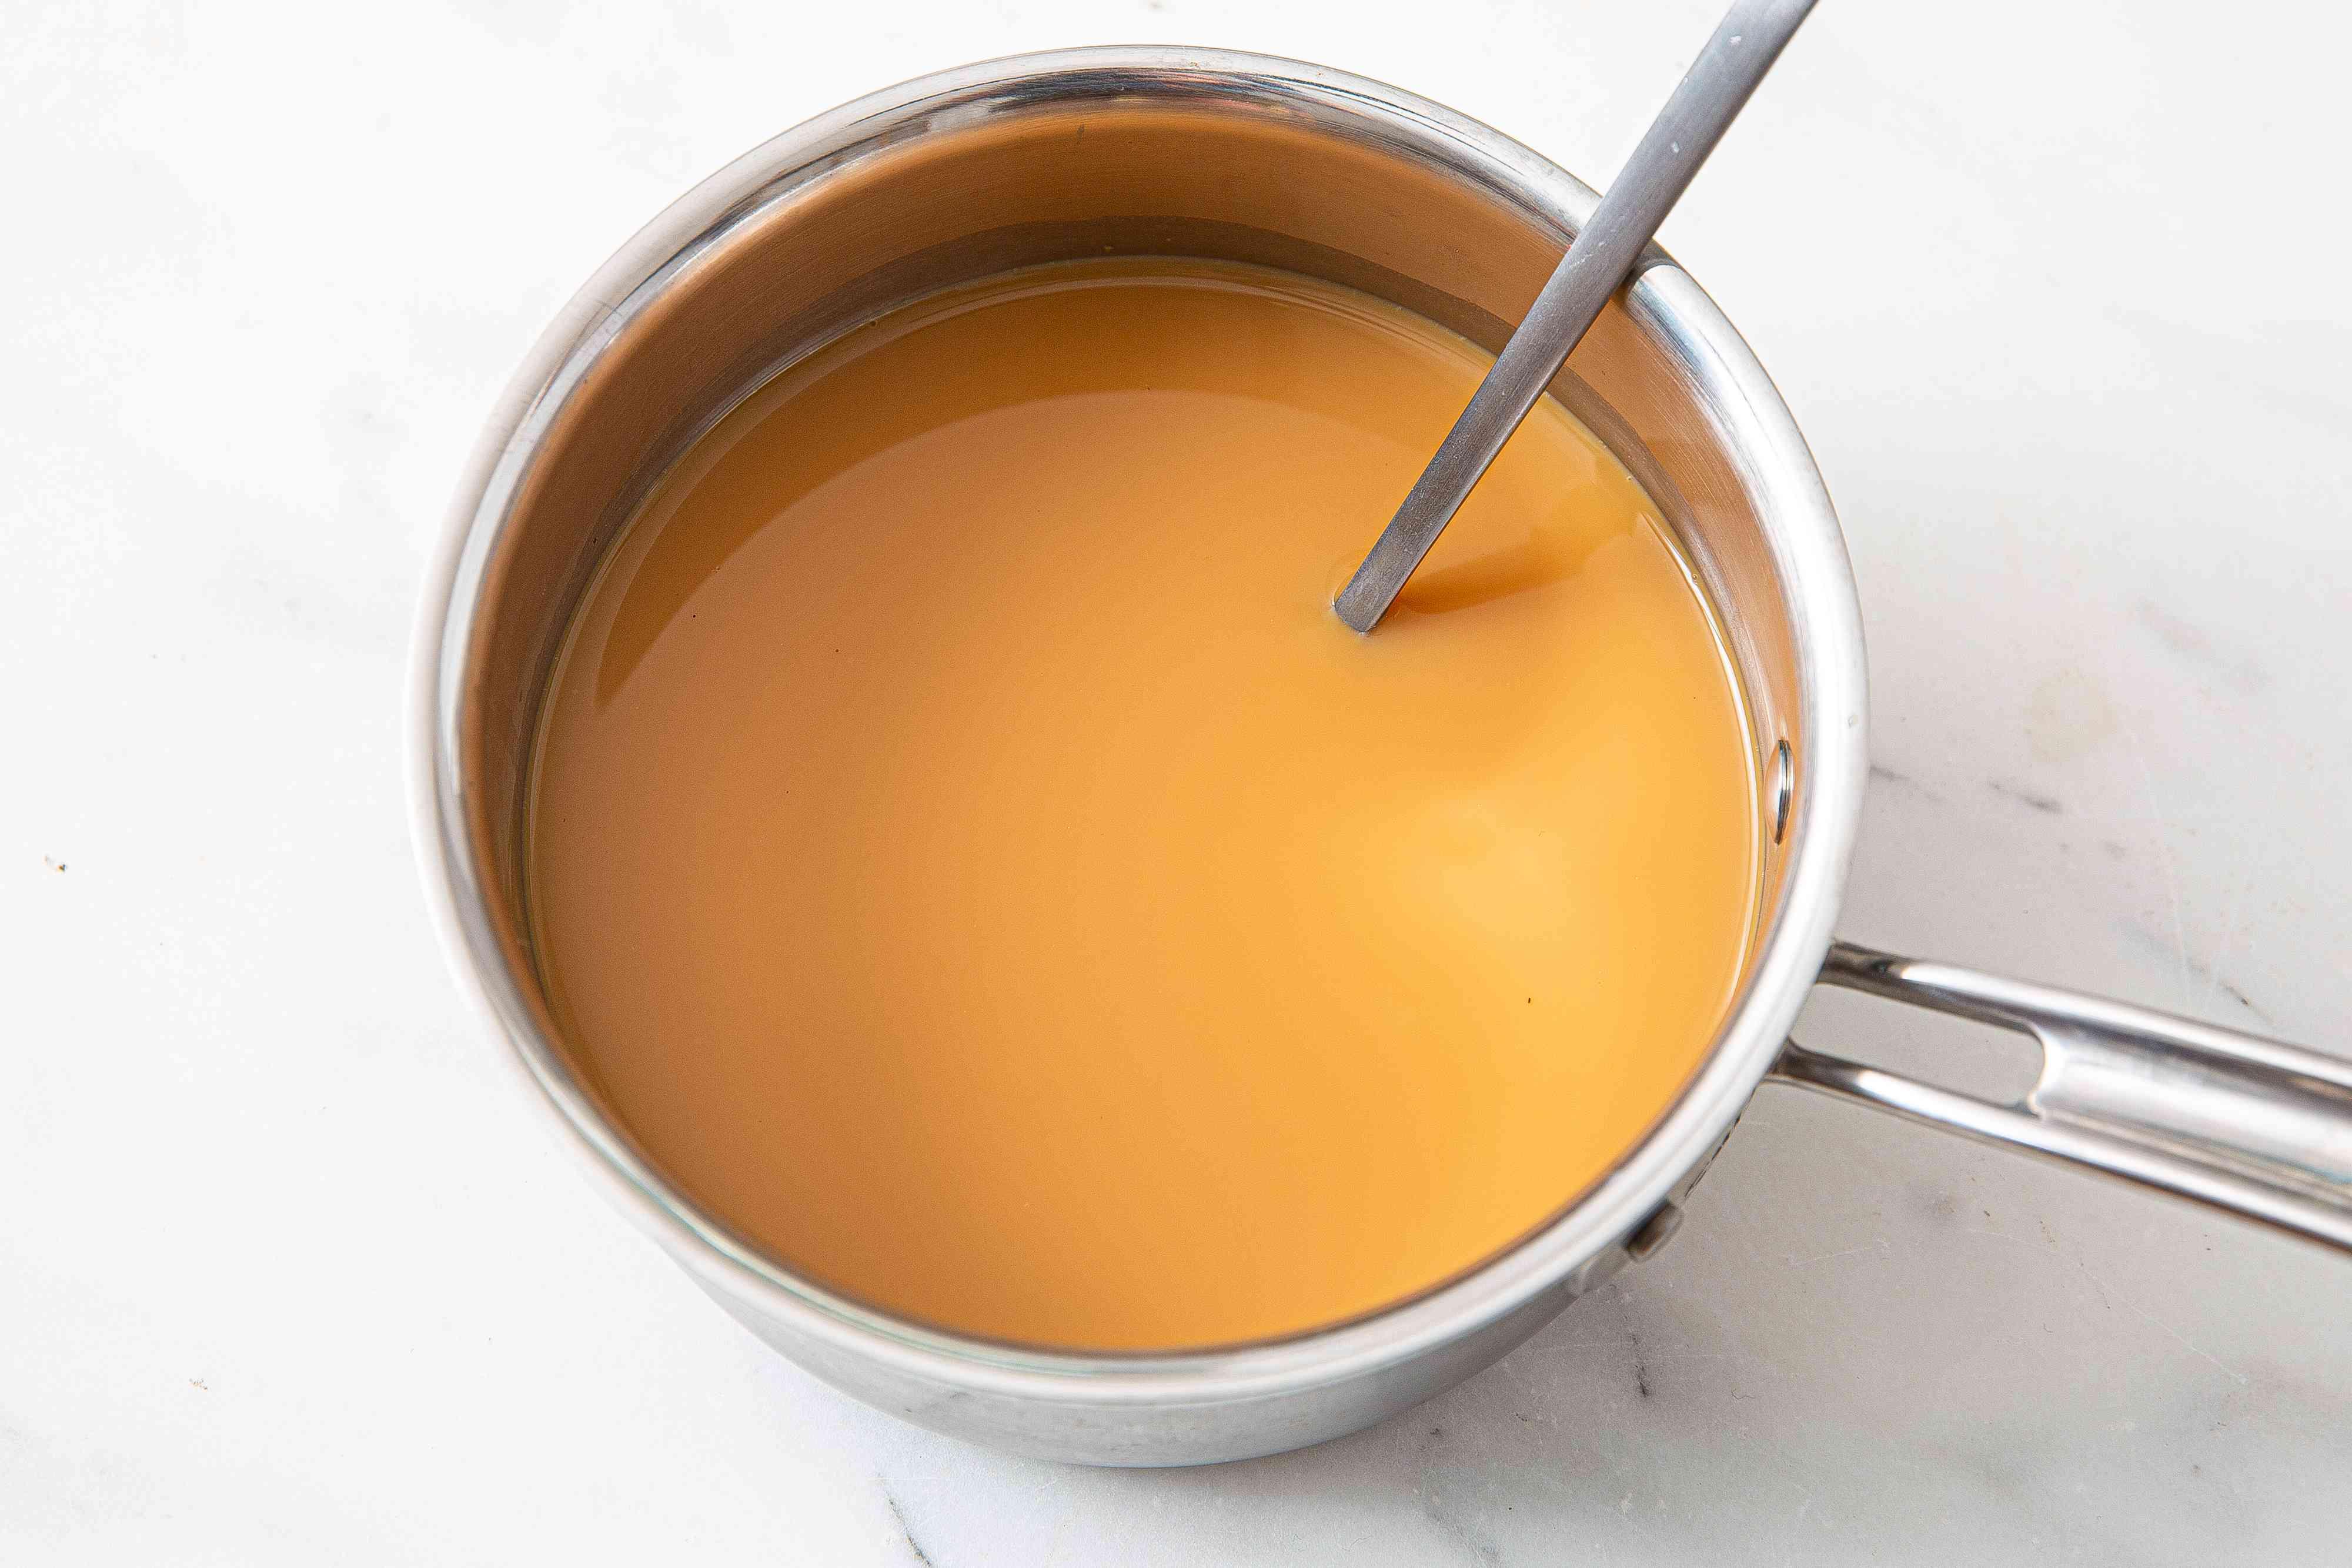 Stir tea